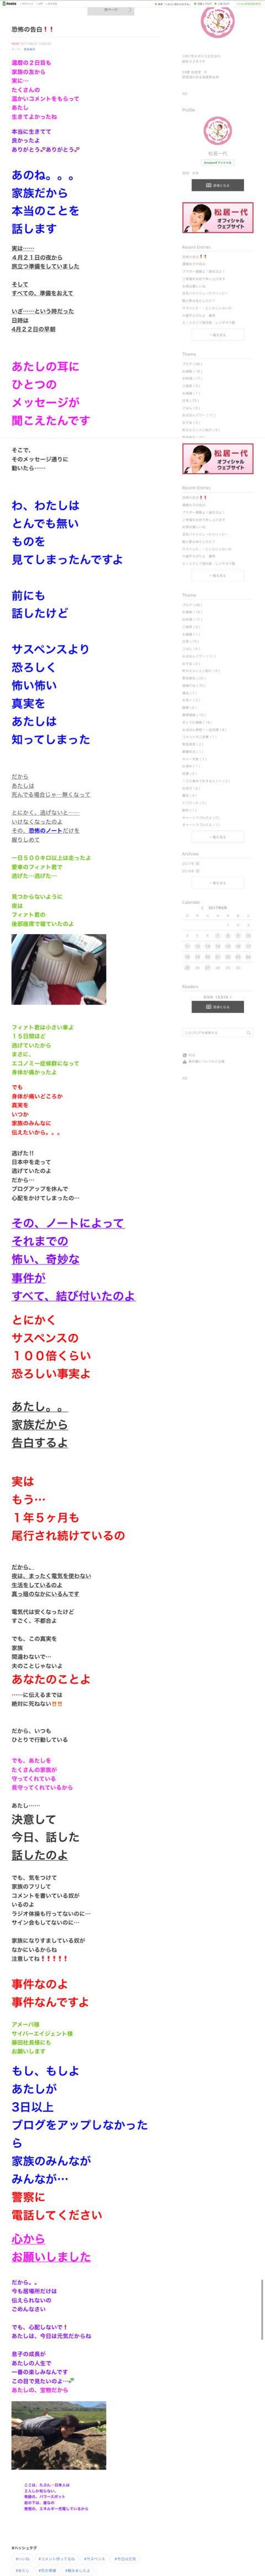 http://i.imgur.com/I1izWMh.jpg